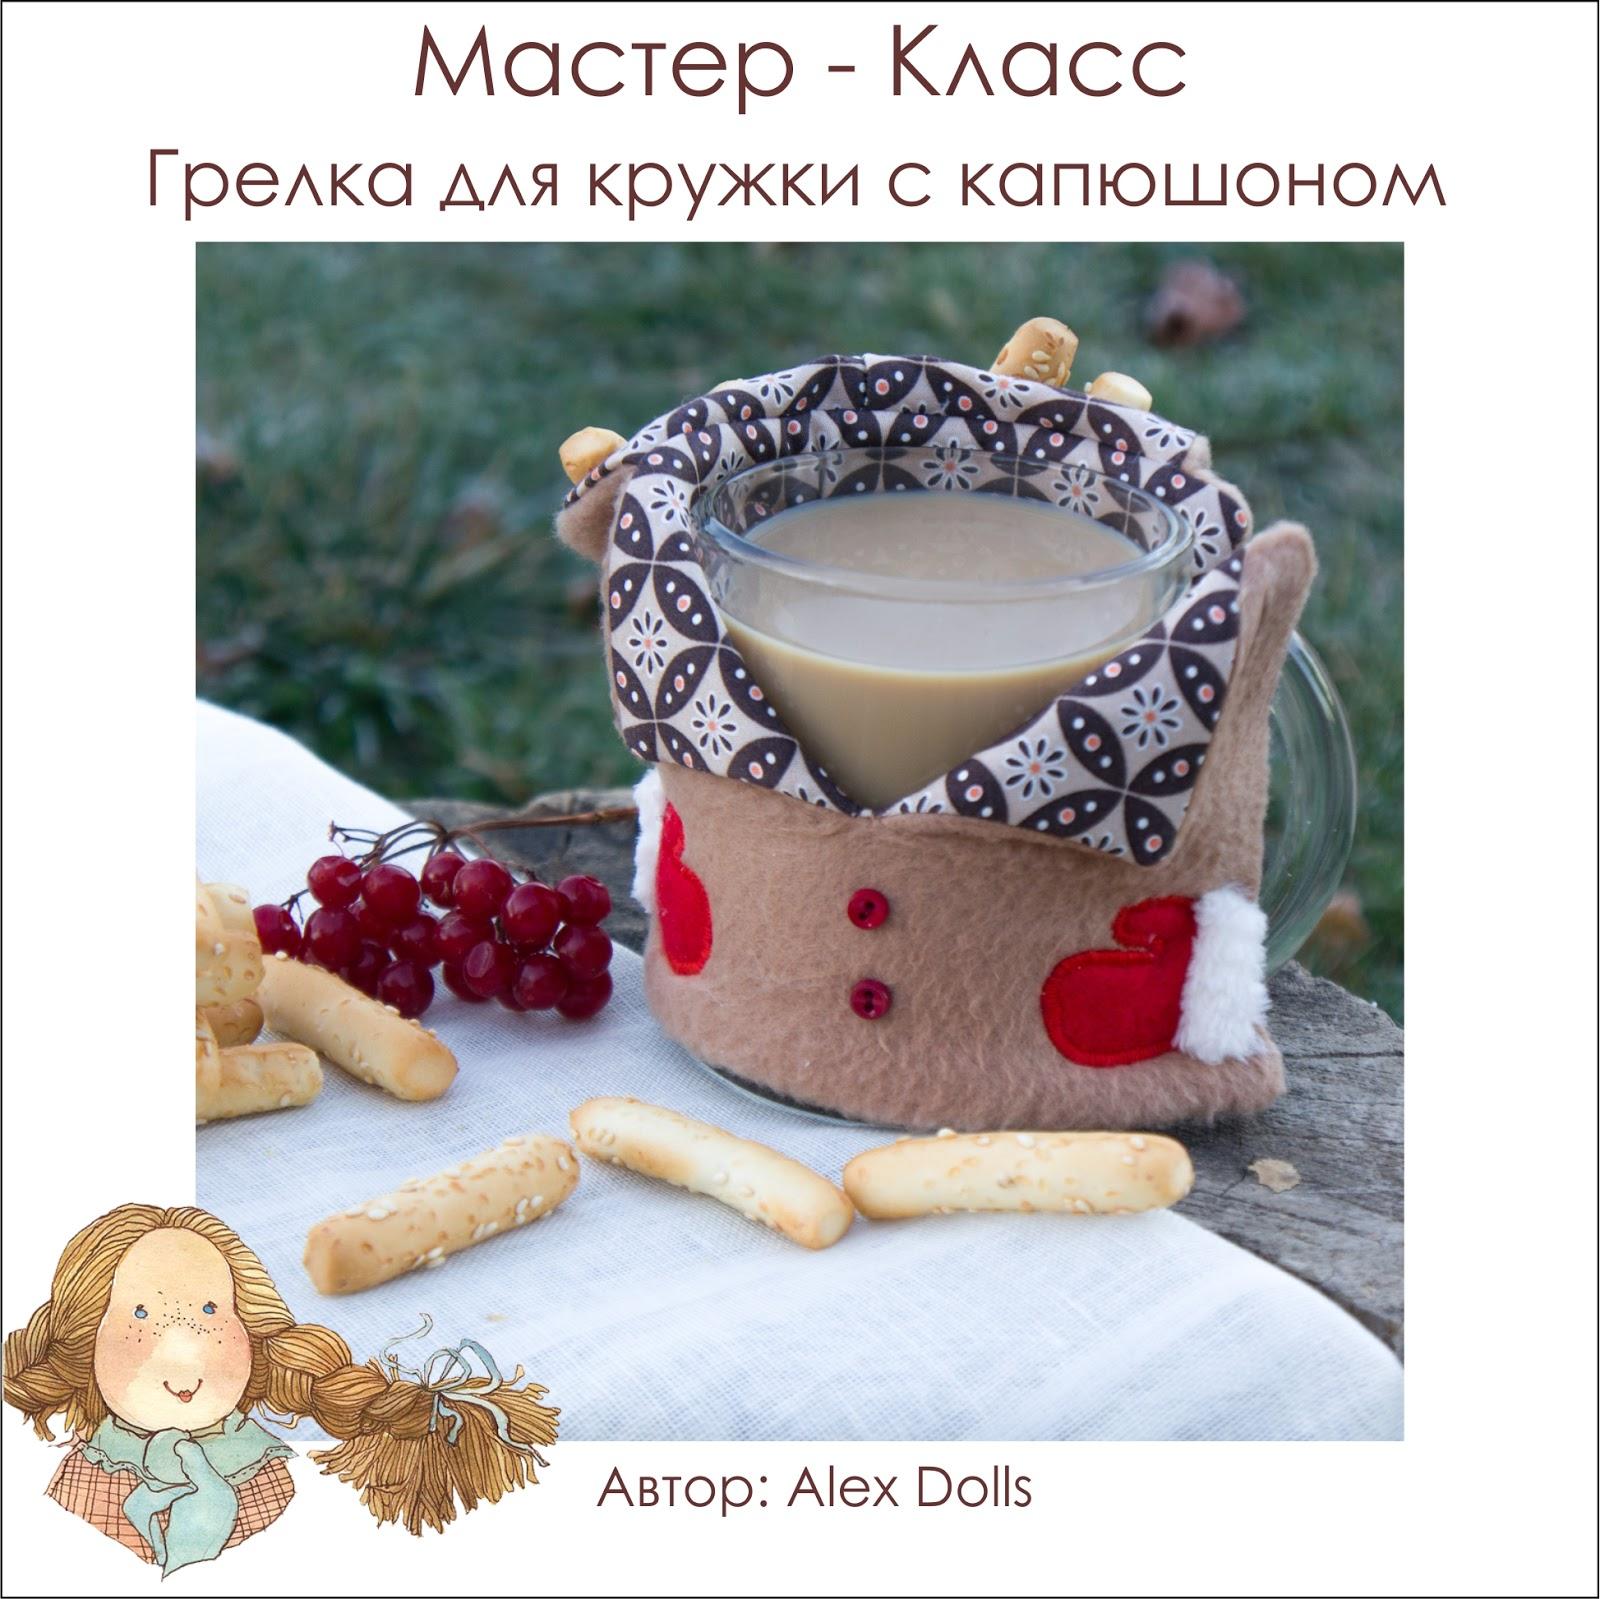 ручной работы, handmade, кружка, грелка для кружки, грелка для кружки своими руками, выкройка, mug